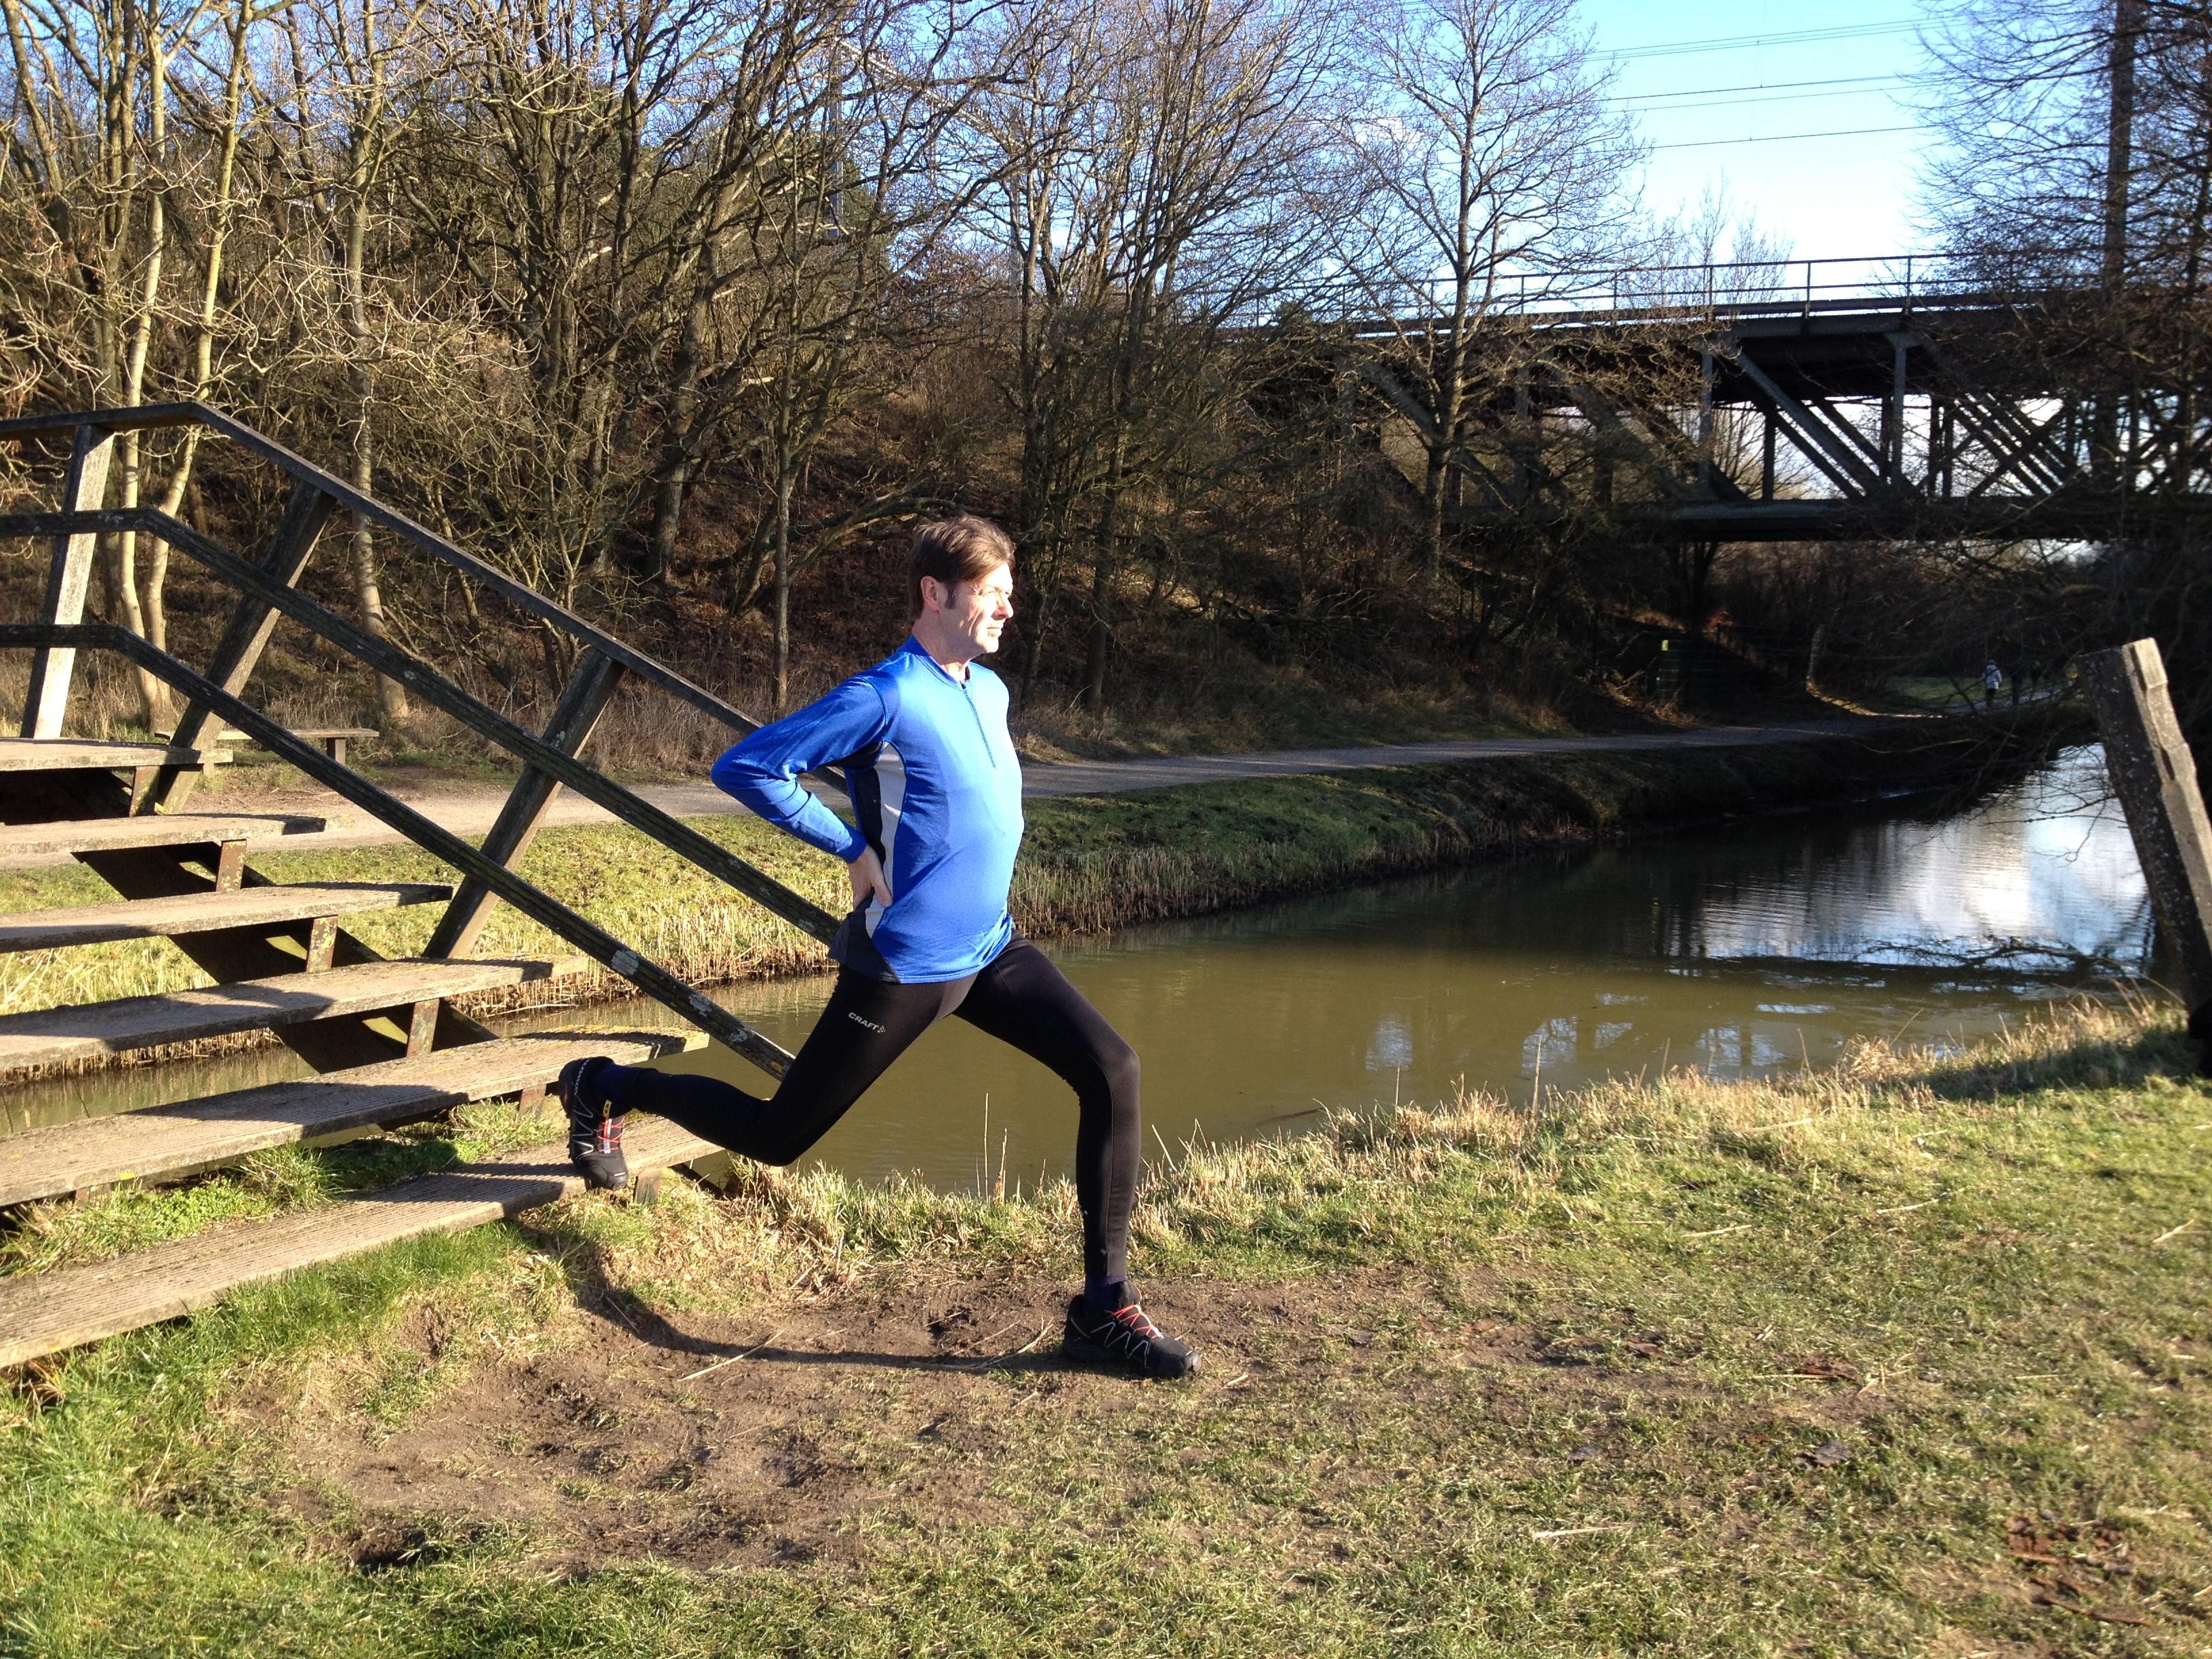 petra personal trainer buiten sporten Haarlem Bloemendaal